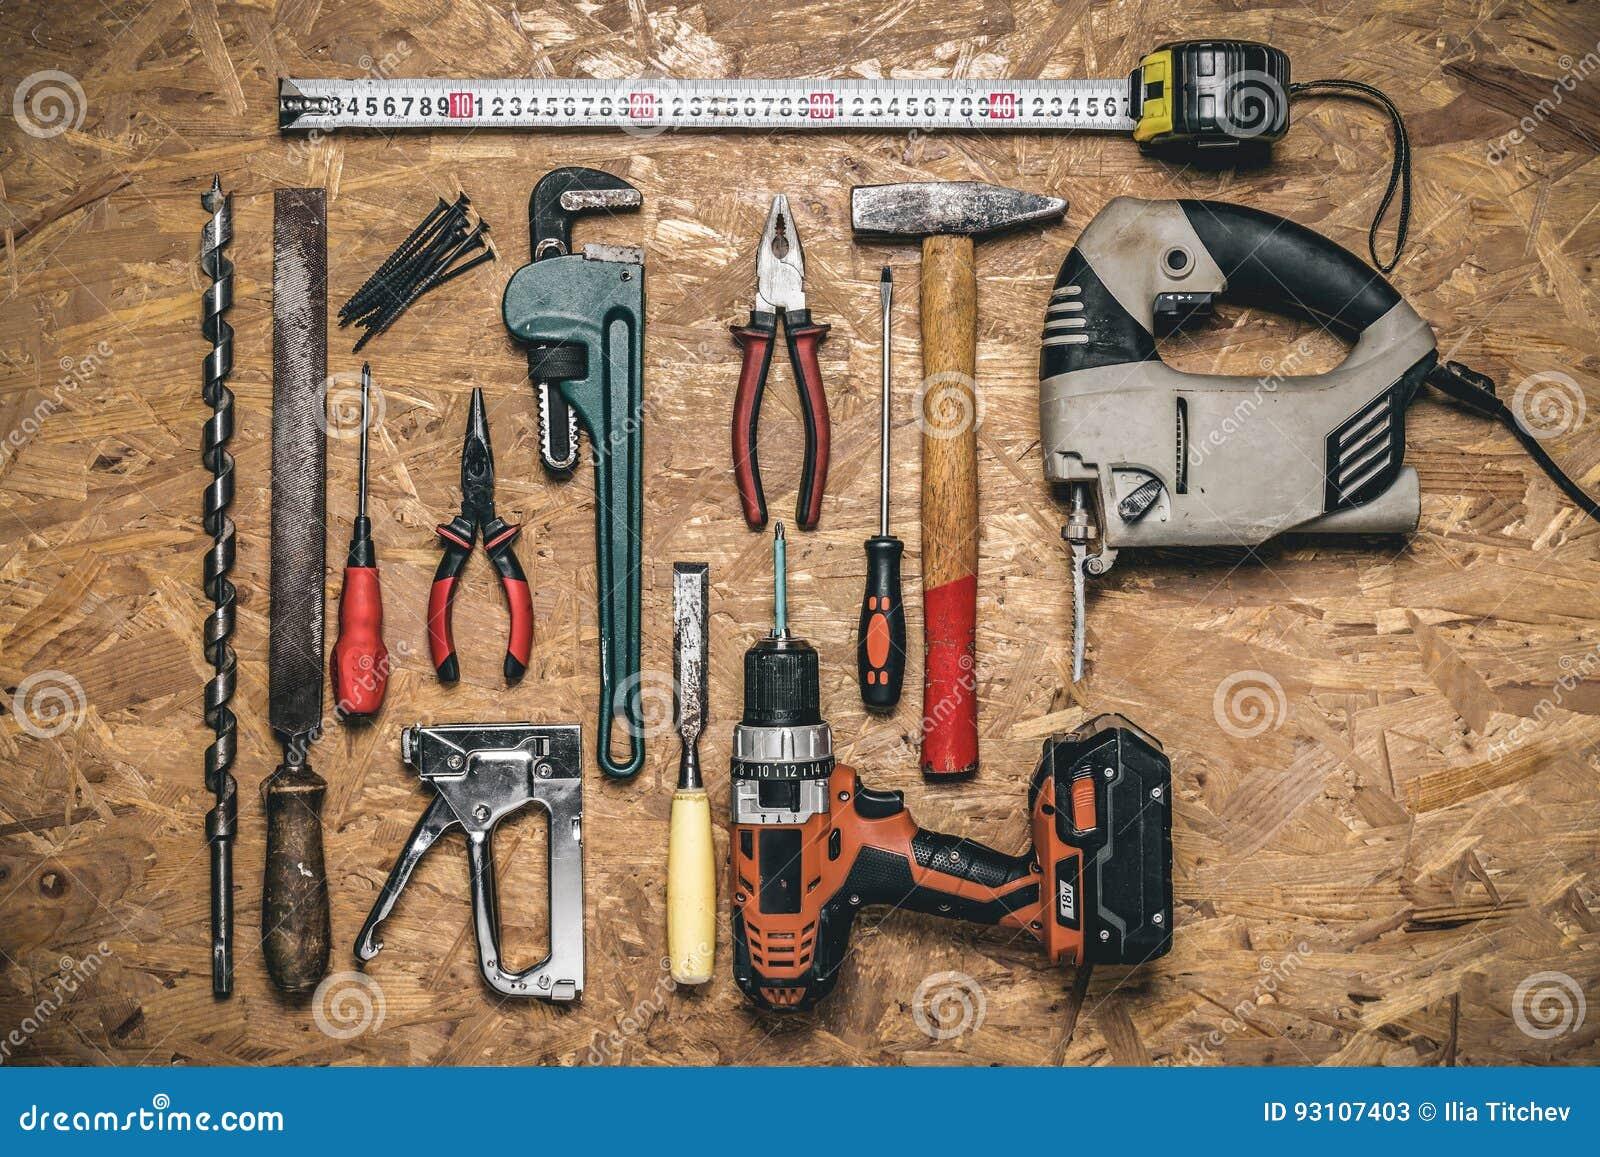 Strumenti Per Lavorare Il Legno : Fatto a mano strumenti per lavorare con legno scalpello backgro